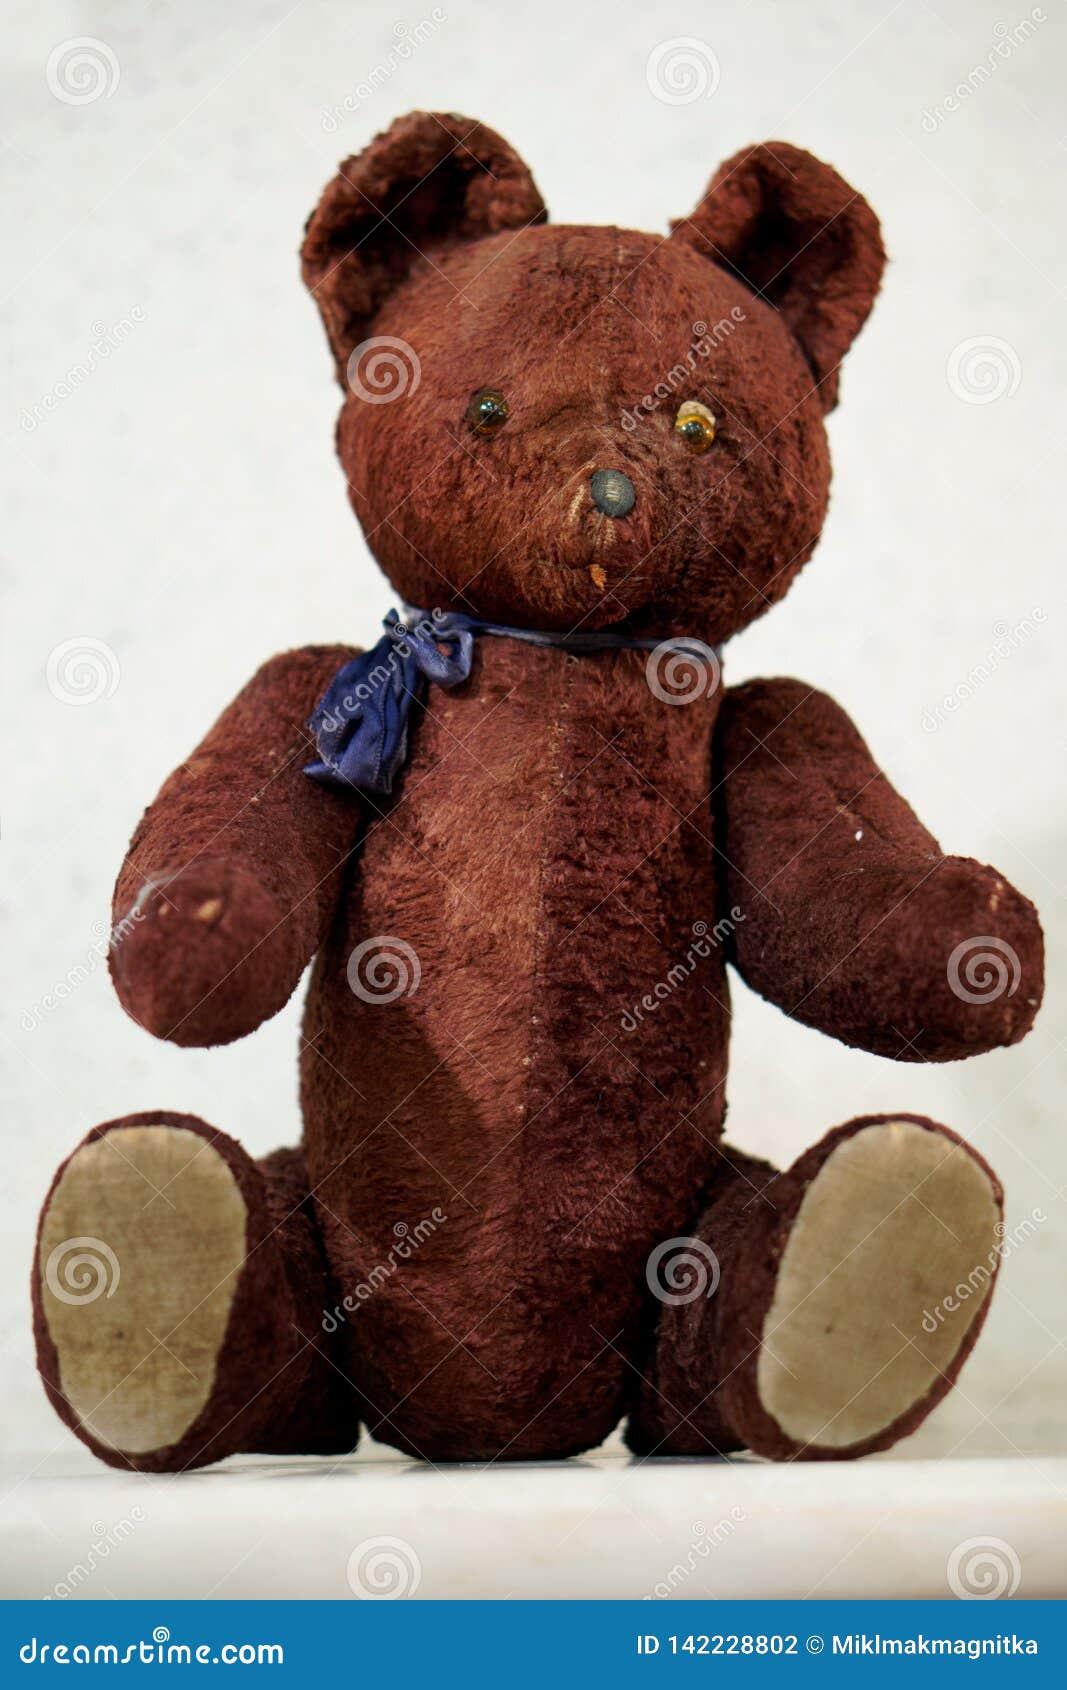 Старая игрушка - винтажный бурый медведь плюша сидит на каминной доске